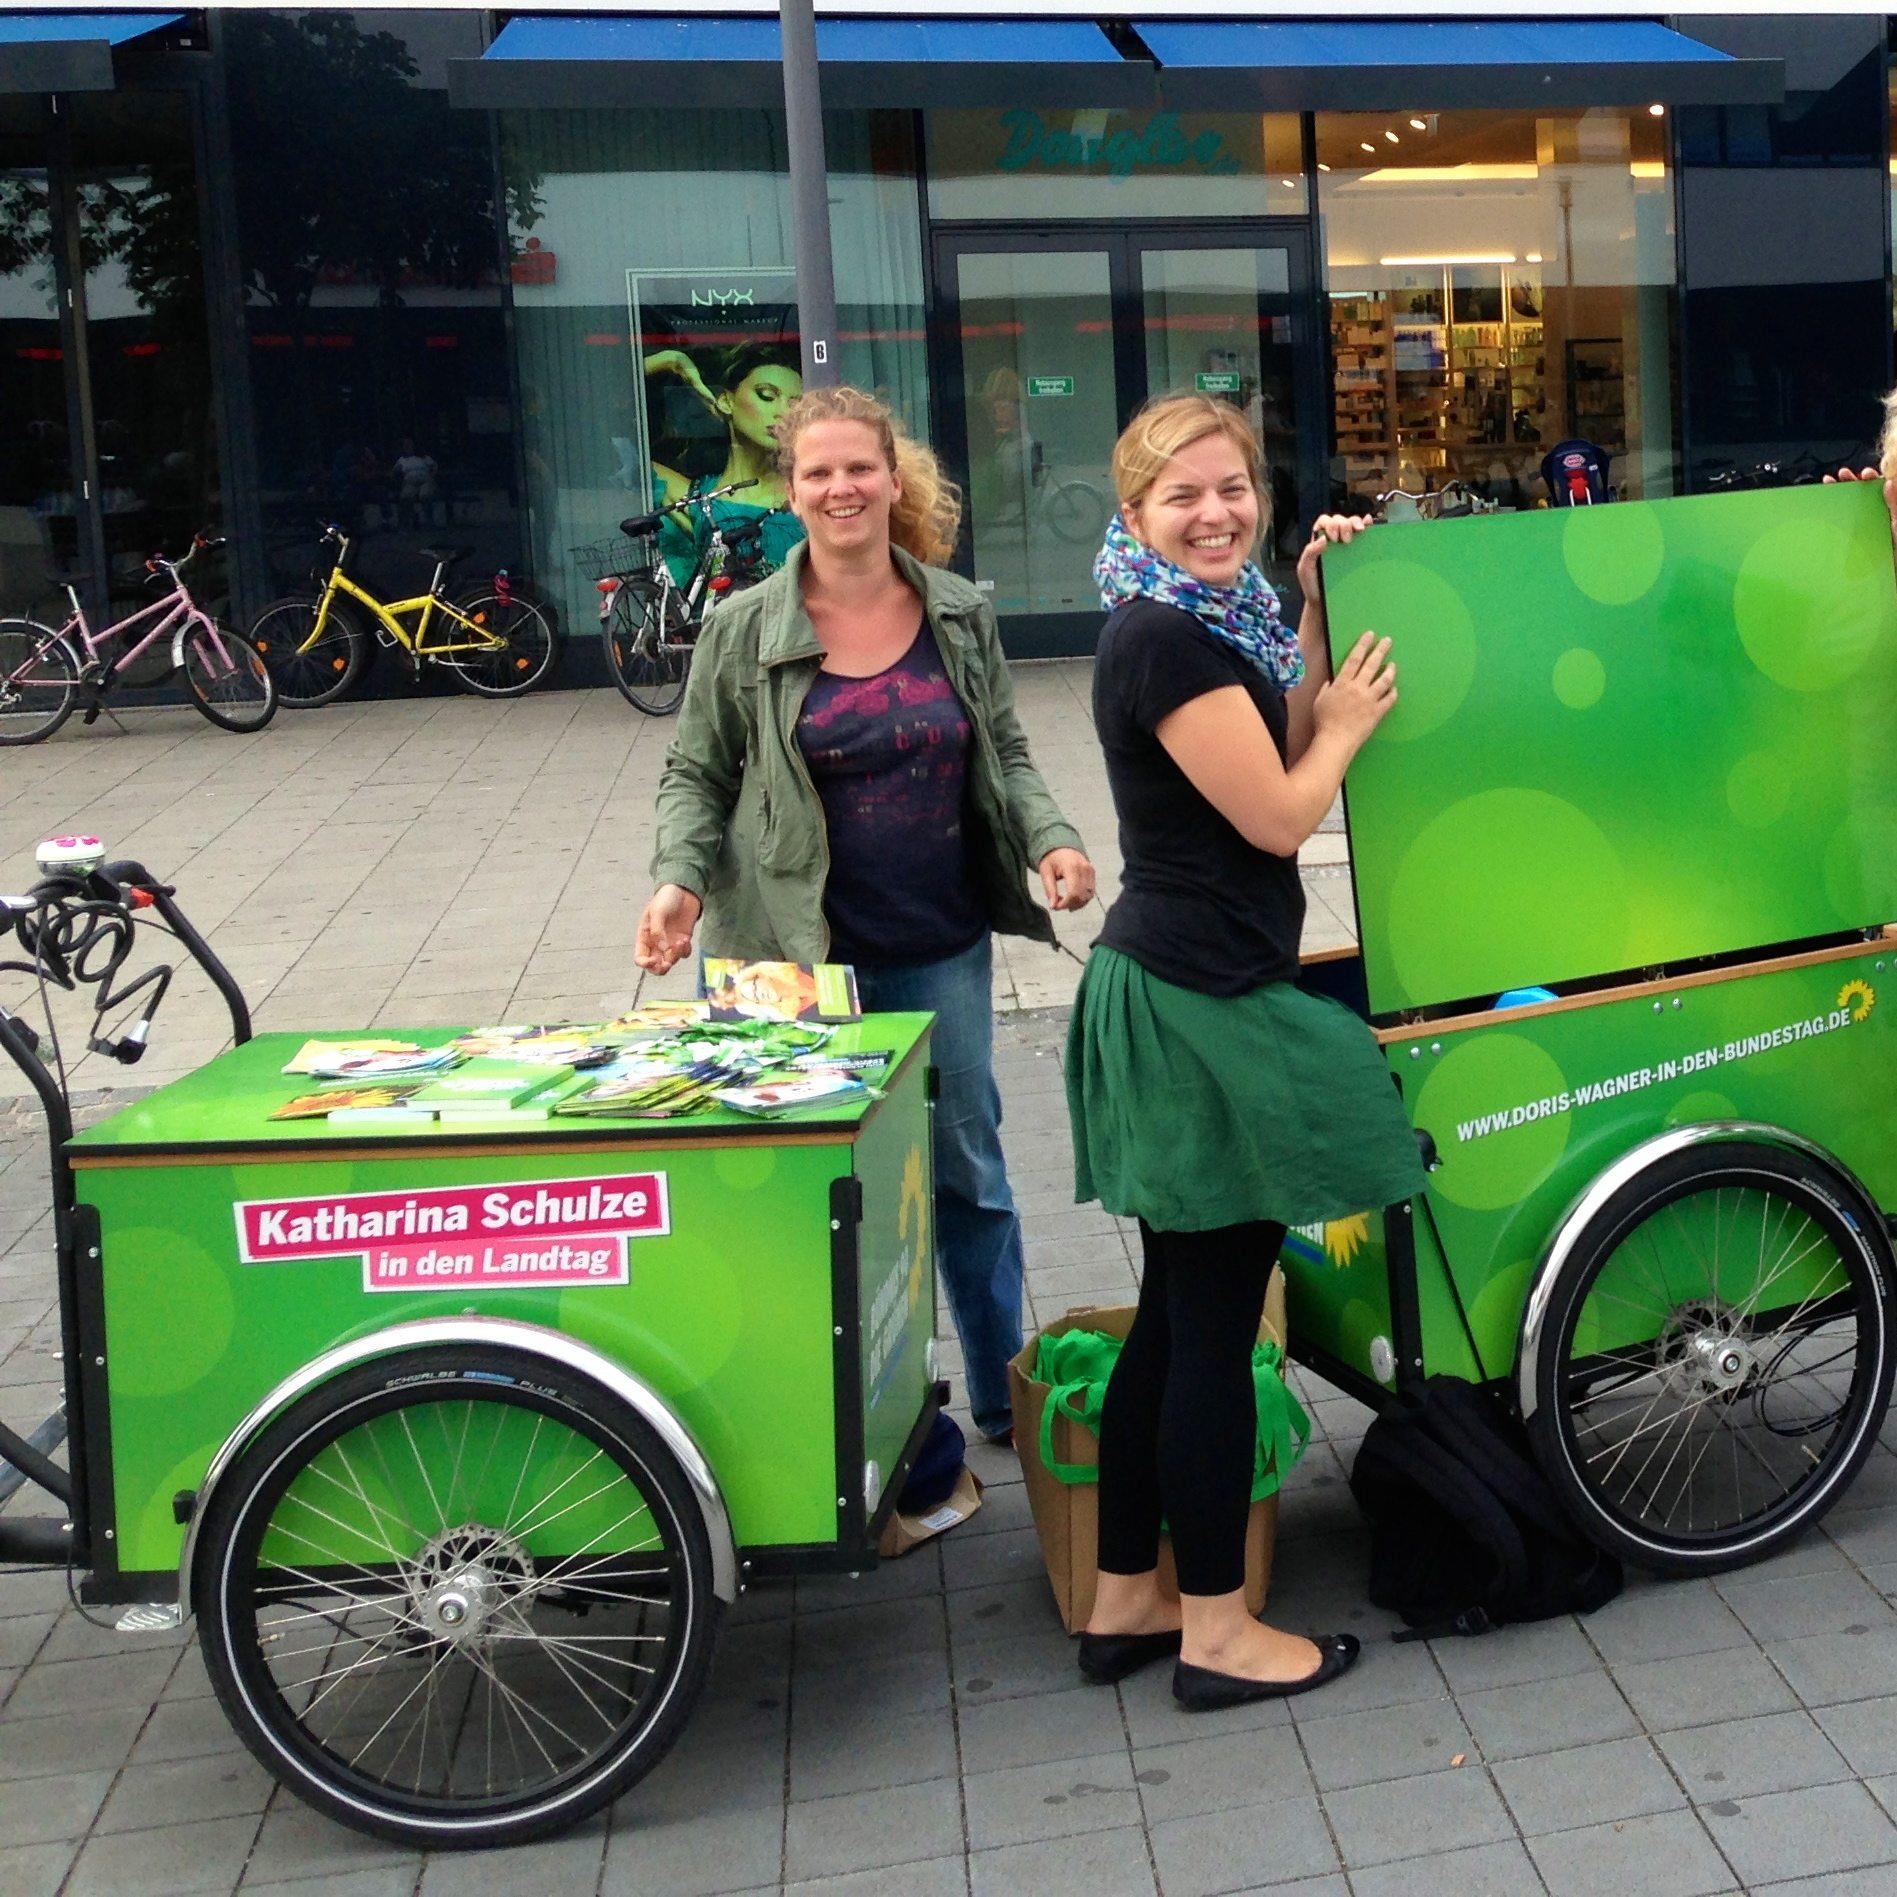 In die schicken Mobilen-Infostand-Fahrräder von Doris und mir passt das Material prima hinein!